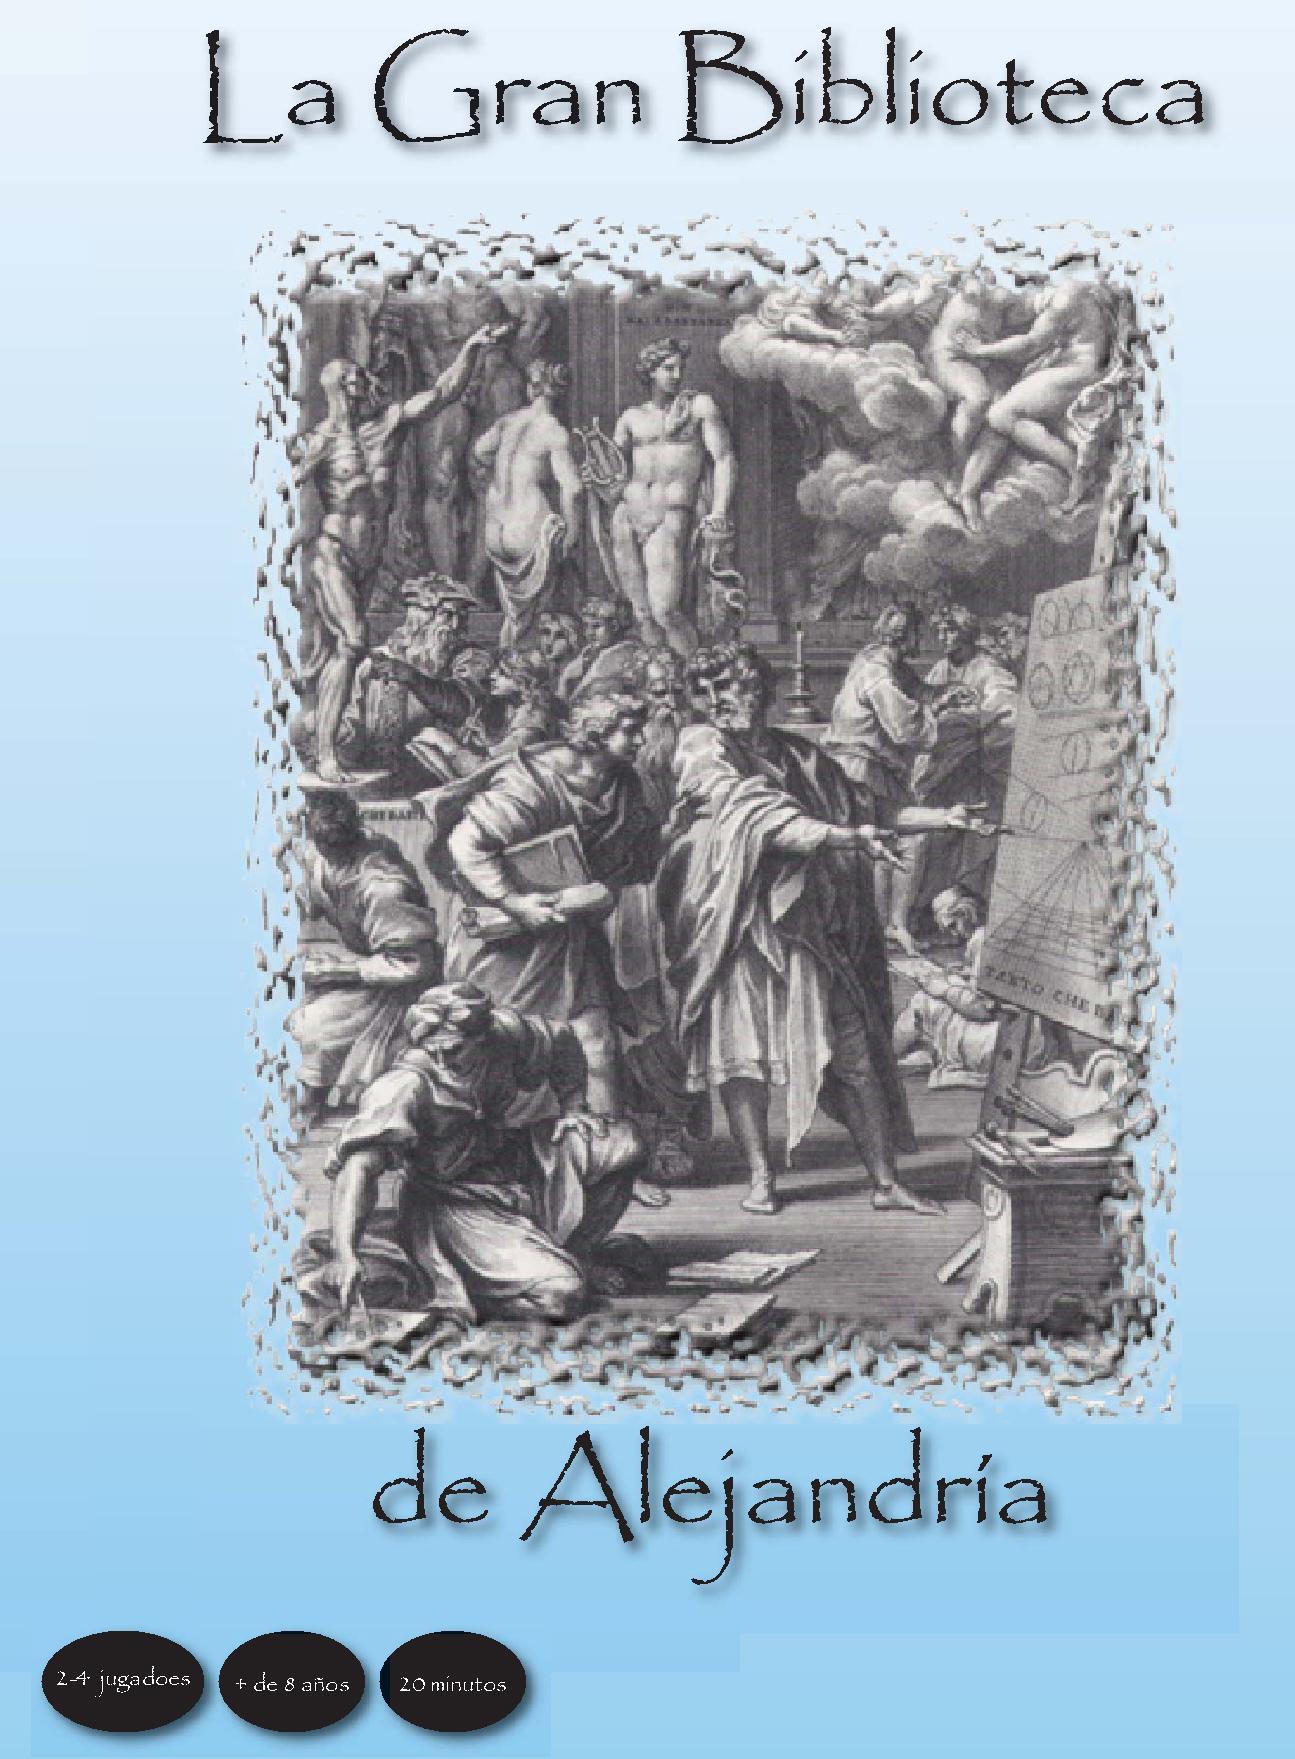 La Gran Biblioteca de Alejandría